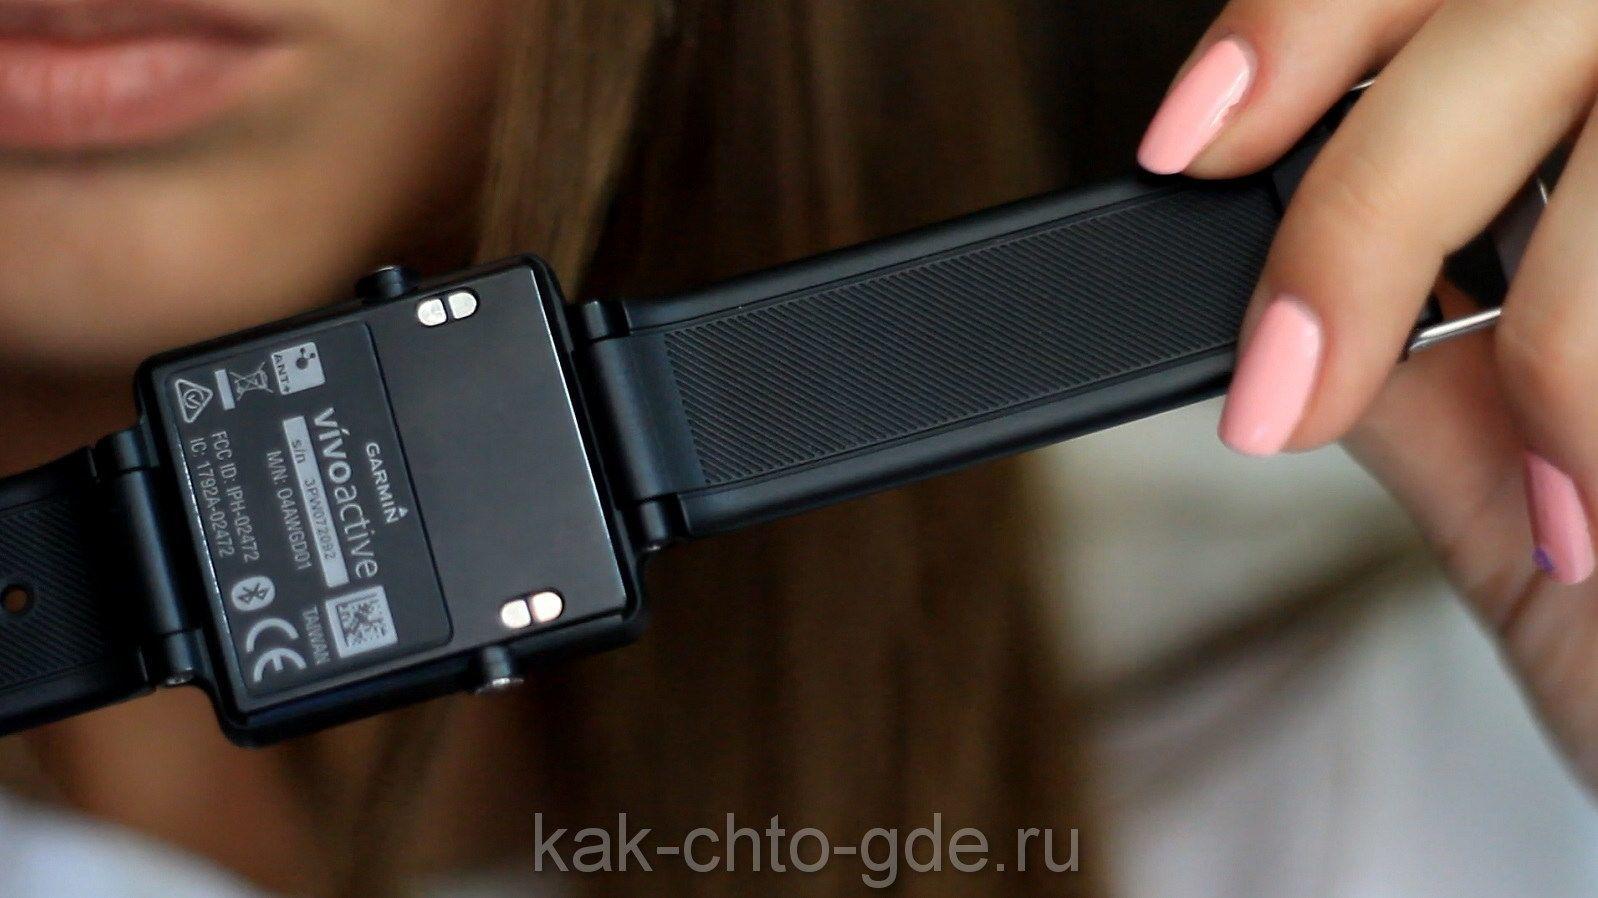 Обзор Garmin Vivoаctive ультра тонкие умные часы для мультиспорта  фото видео